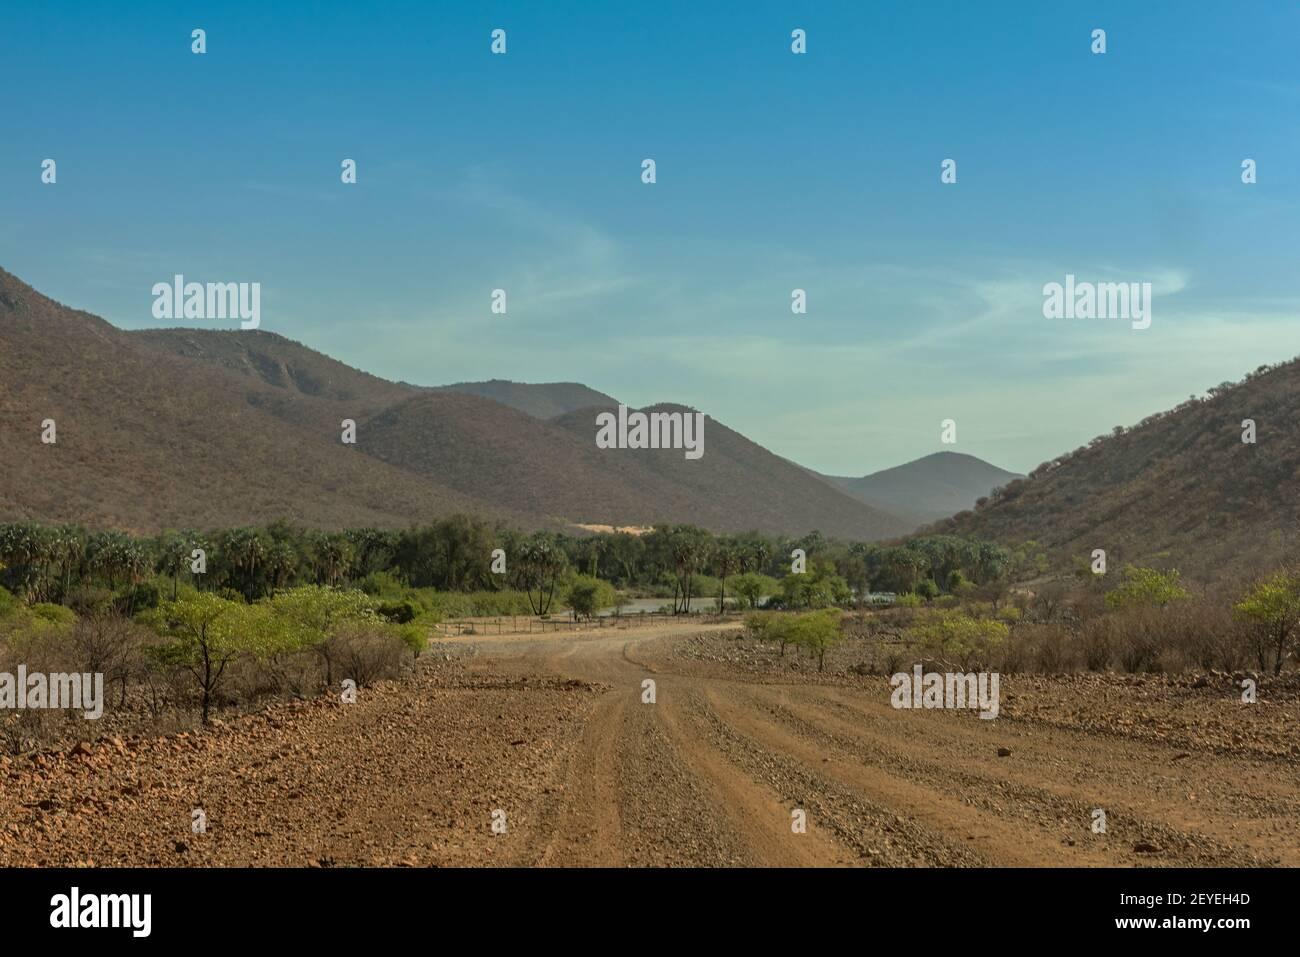 Vista panoramica del fiume Kunene, il fiume di confine tra Namibia e Angola Foto Stock